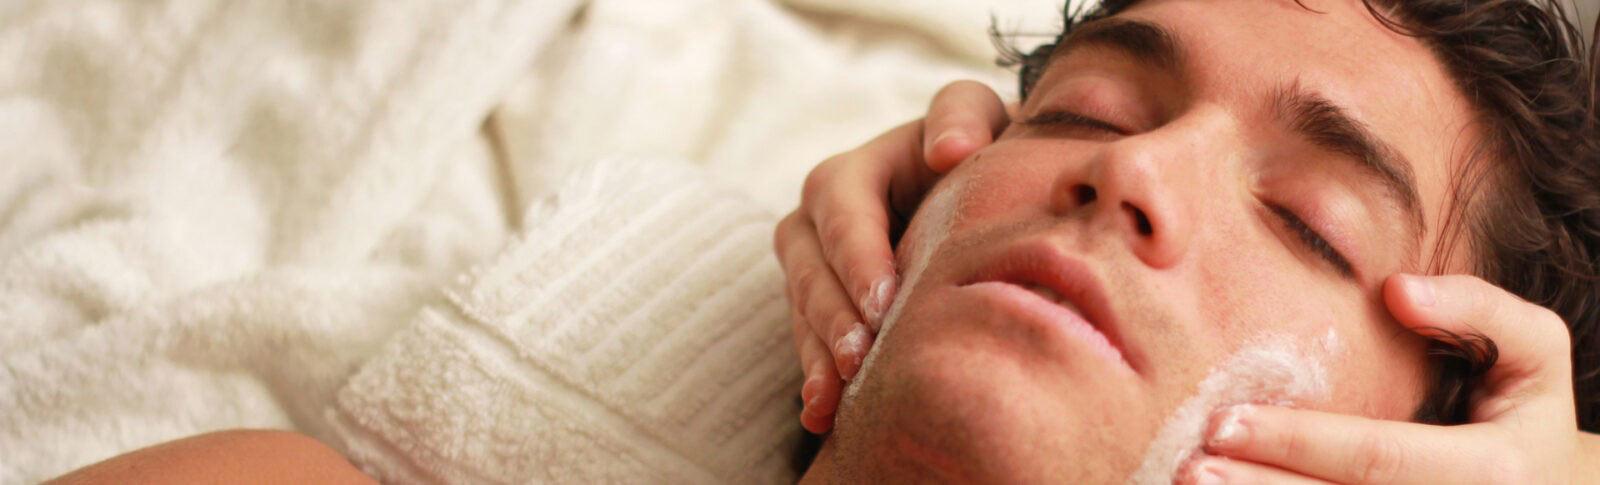 Facial Slider Innovative Aesthetics Medical Spa and Laser Center